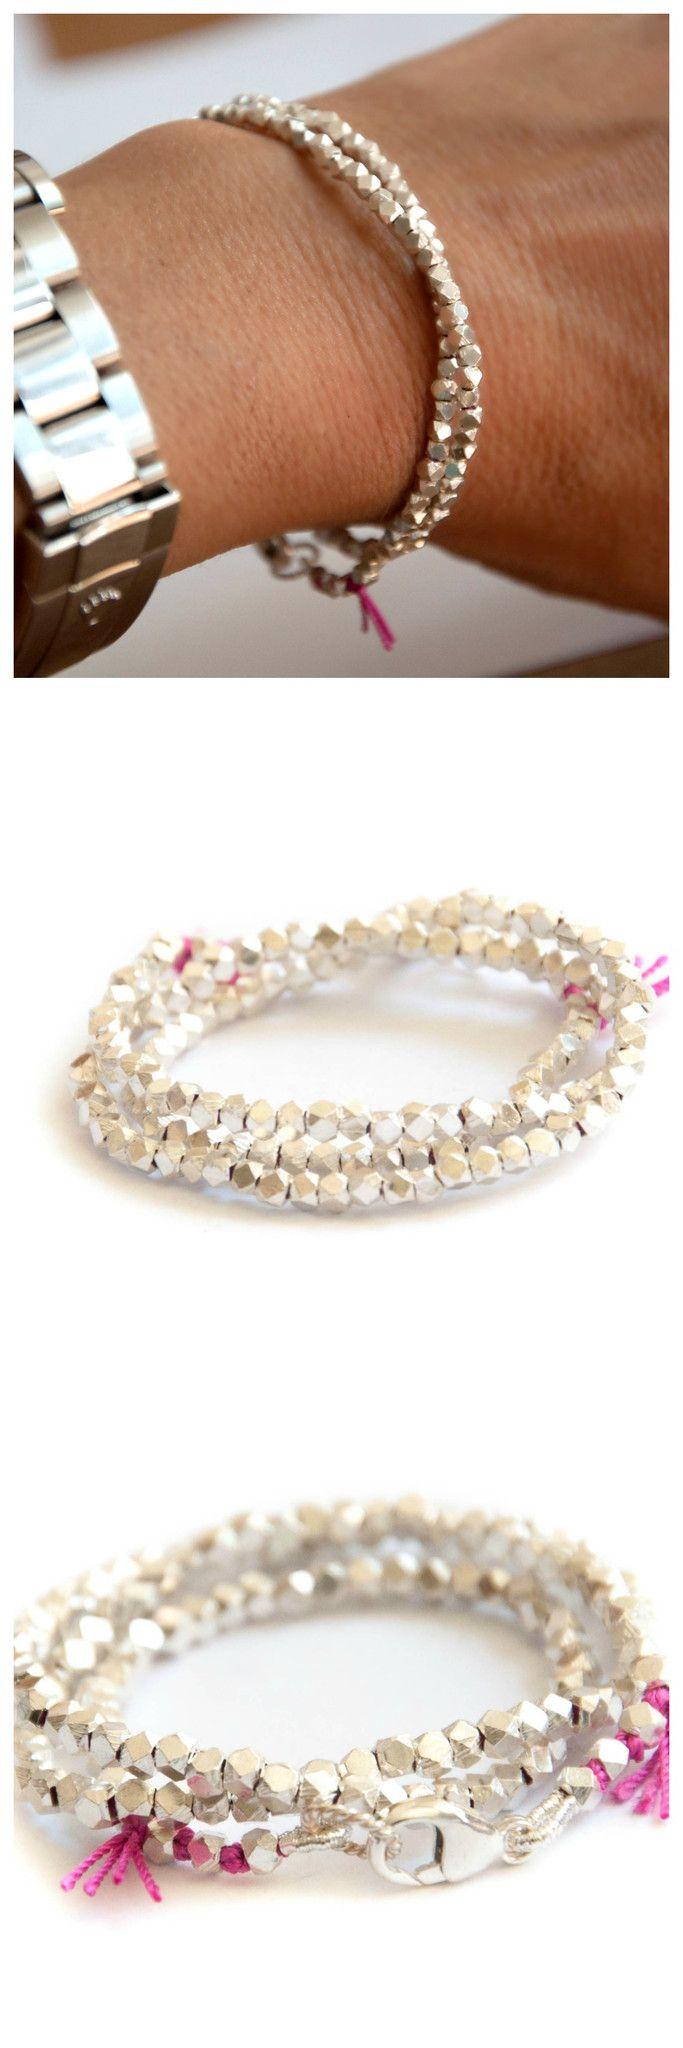 Faceted nugget wrap bracelet by Vivien Frank Designs